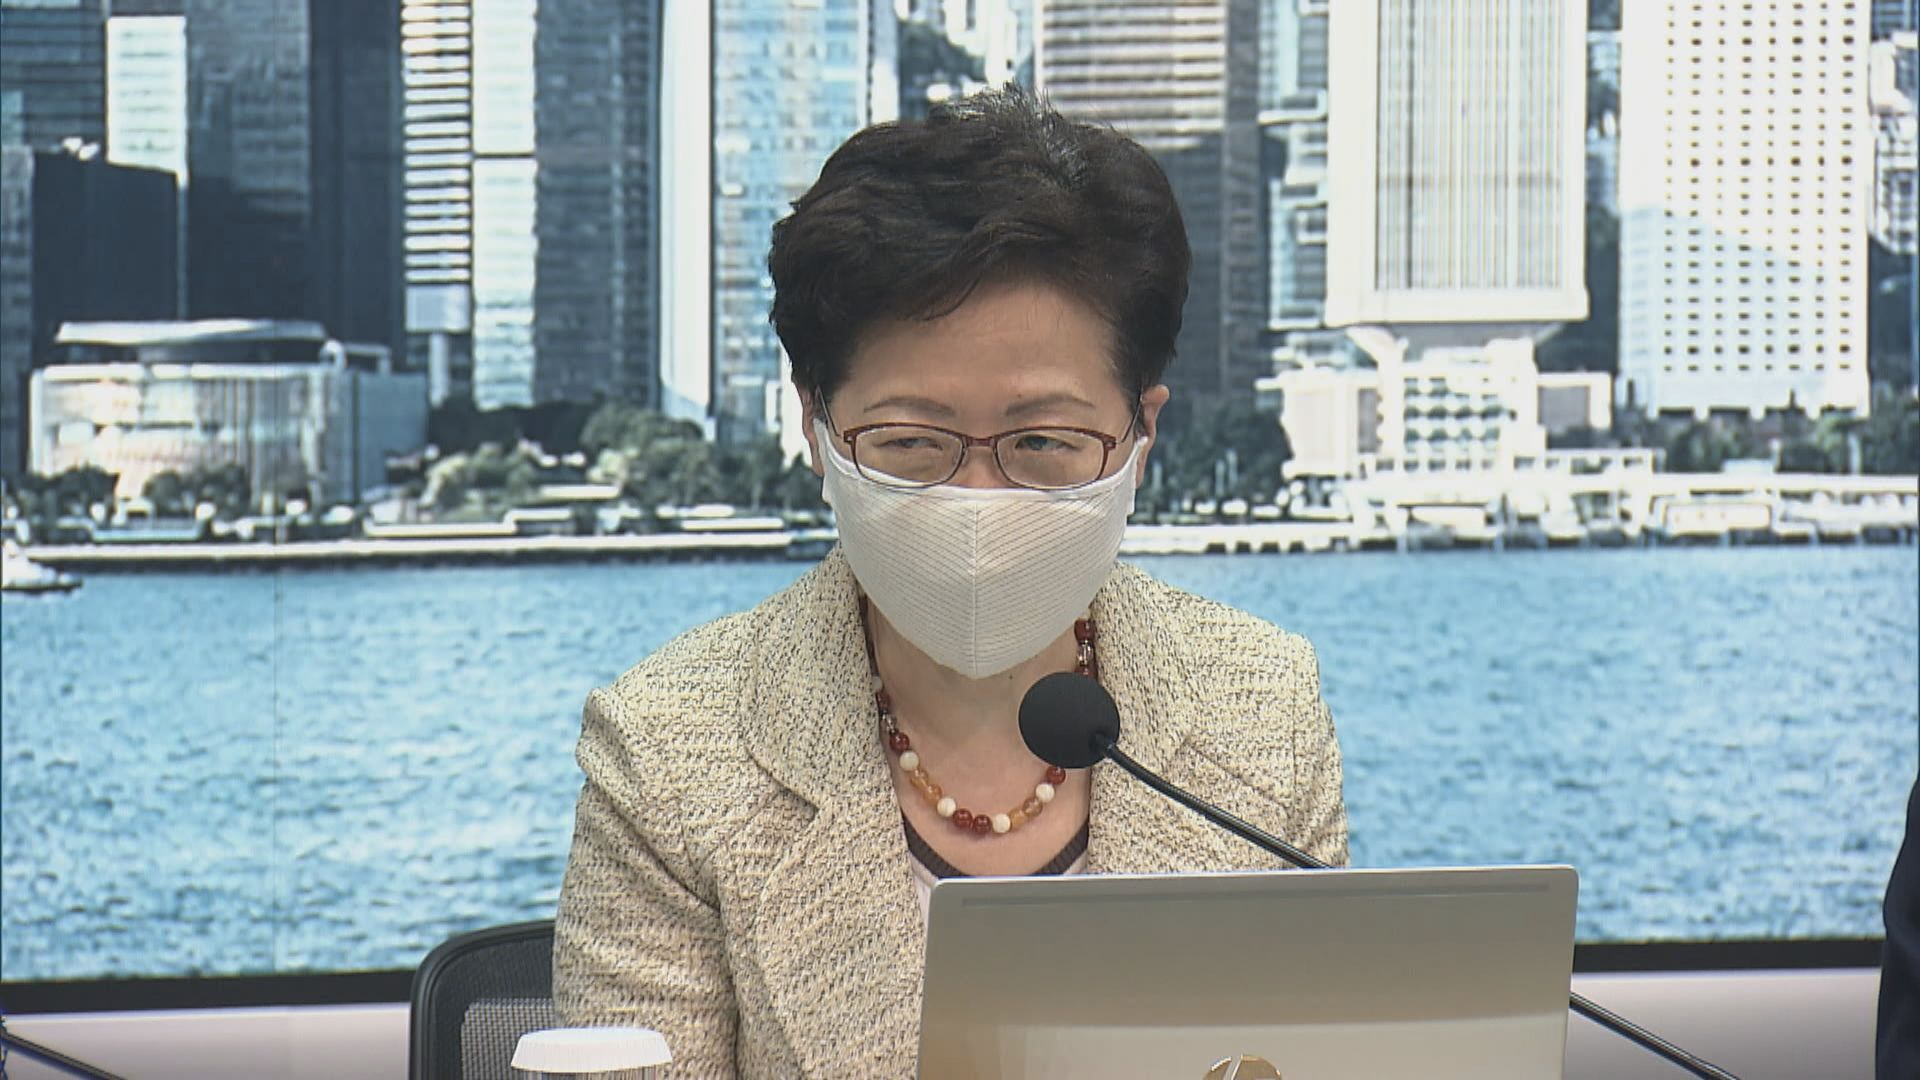 林鄭:健康碼為方便出行 用作讓巿民進出食肆等不切實際